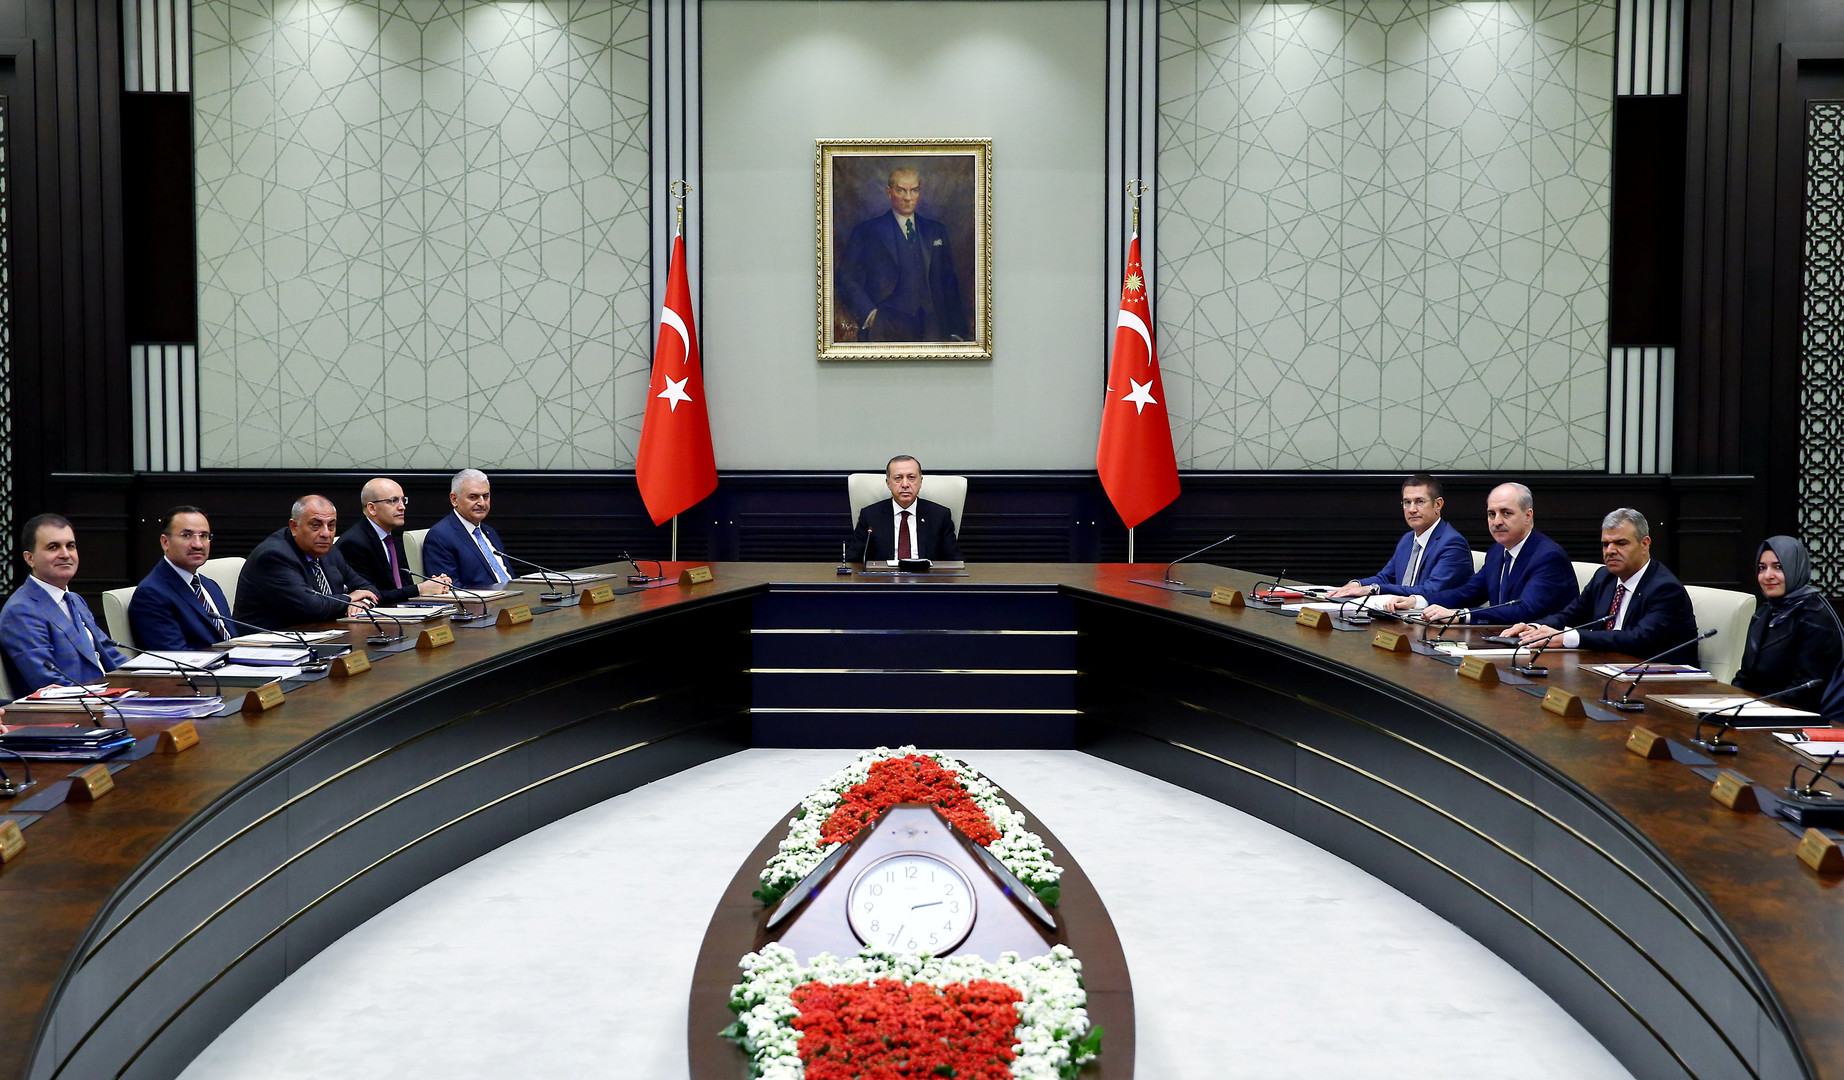 Эрдоган заявил, что надеется на скорую нормализацию отношений с Россией